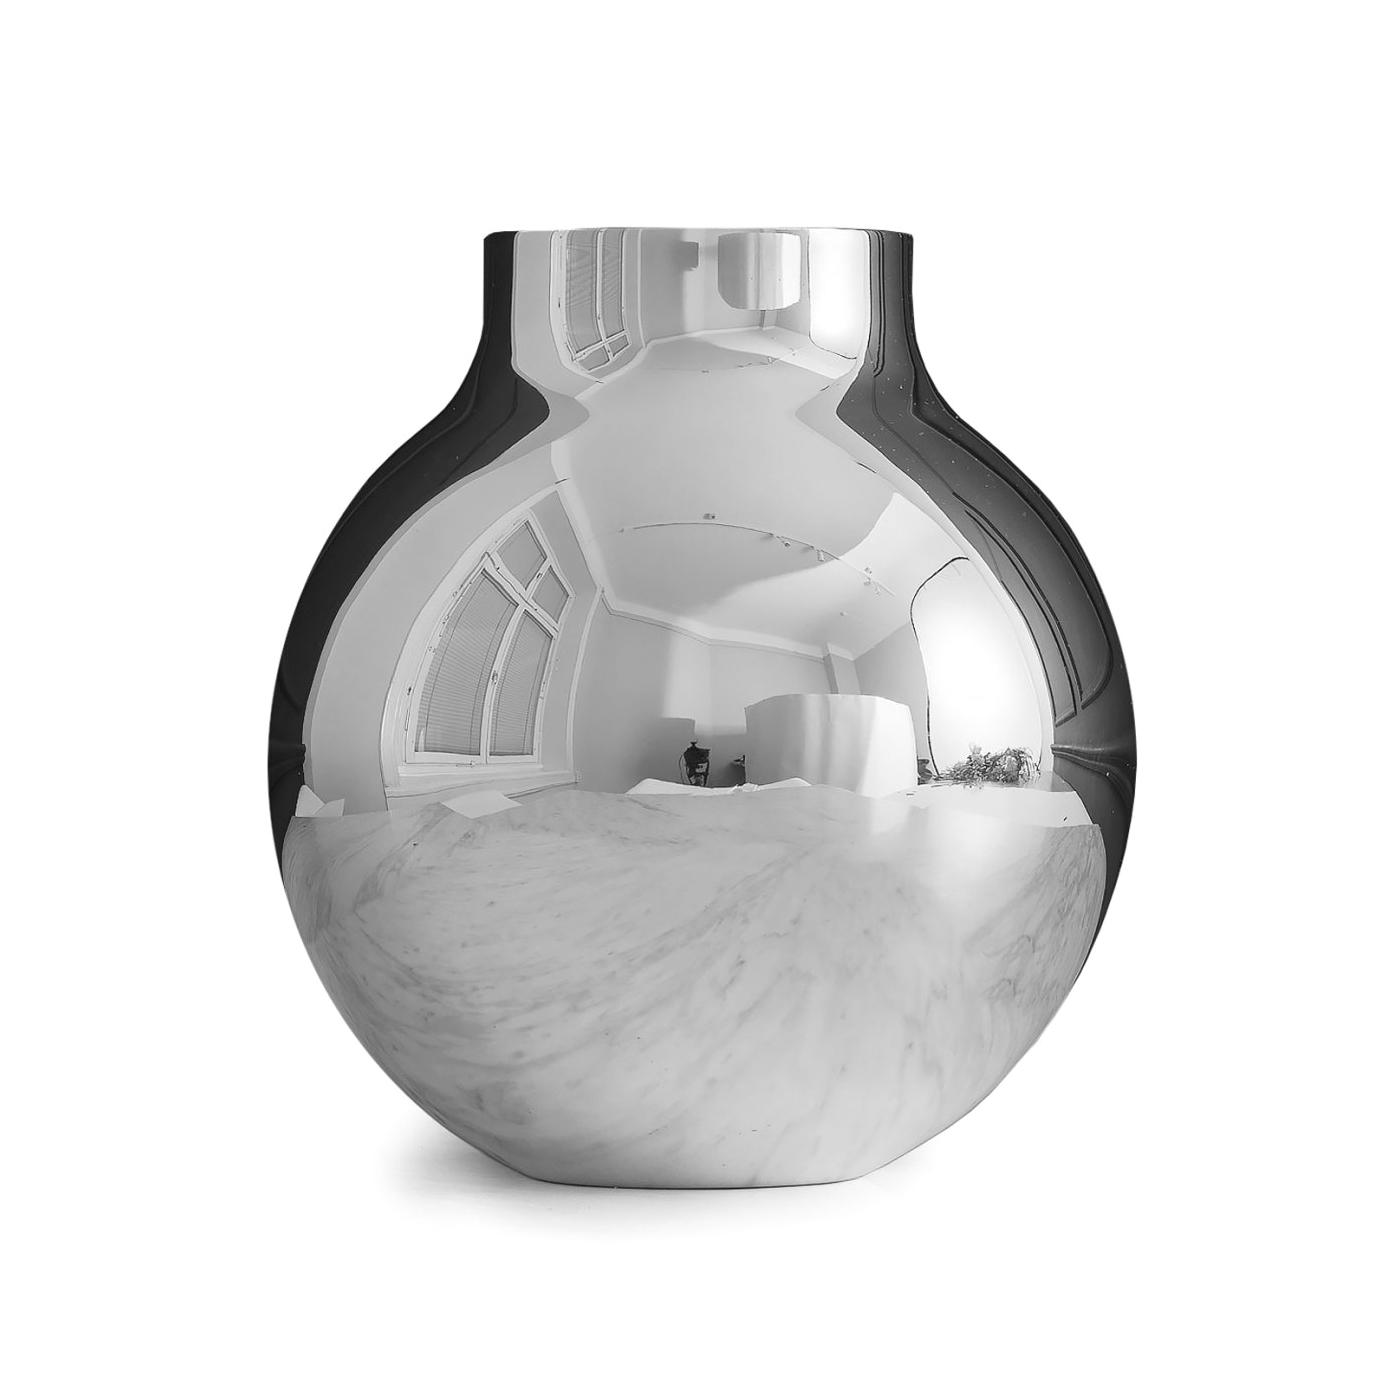 Vas BOULE Large silver, Skultuna